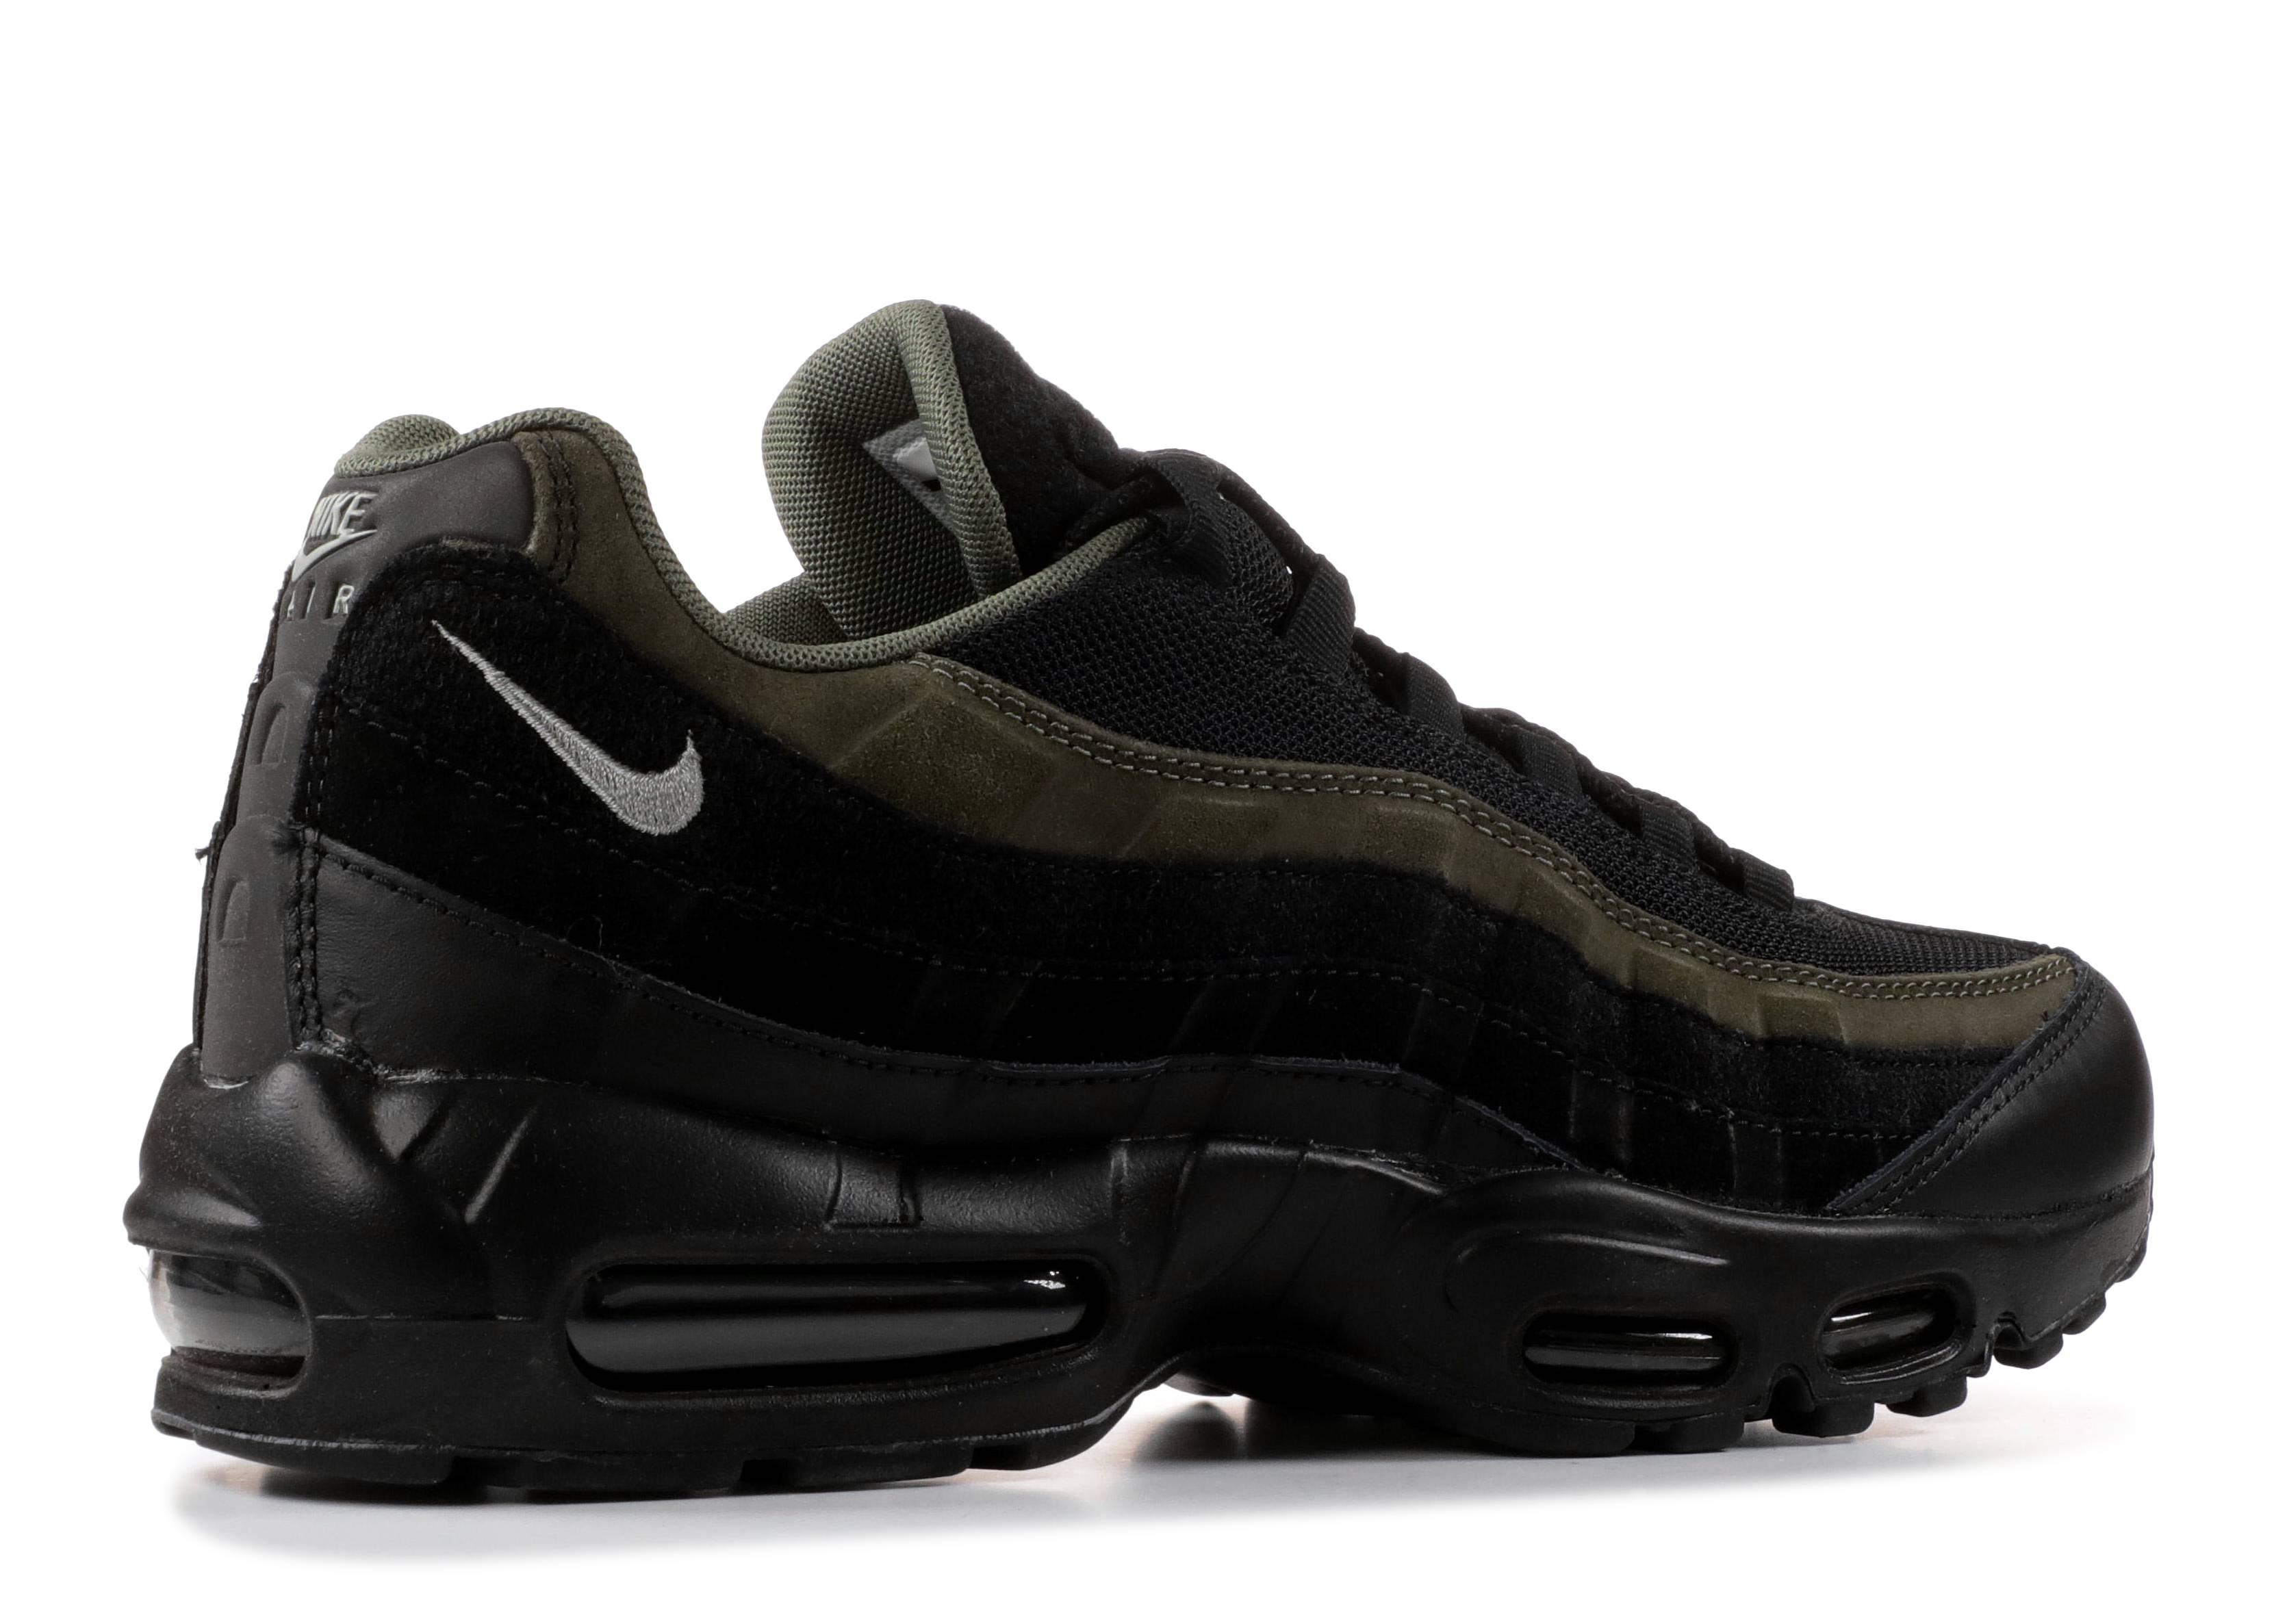 0e05fc542b2c1a Air Max 95 HAL - Nike - ah8444 001 - black black-cargo khaki ...